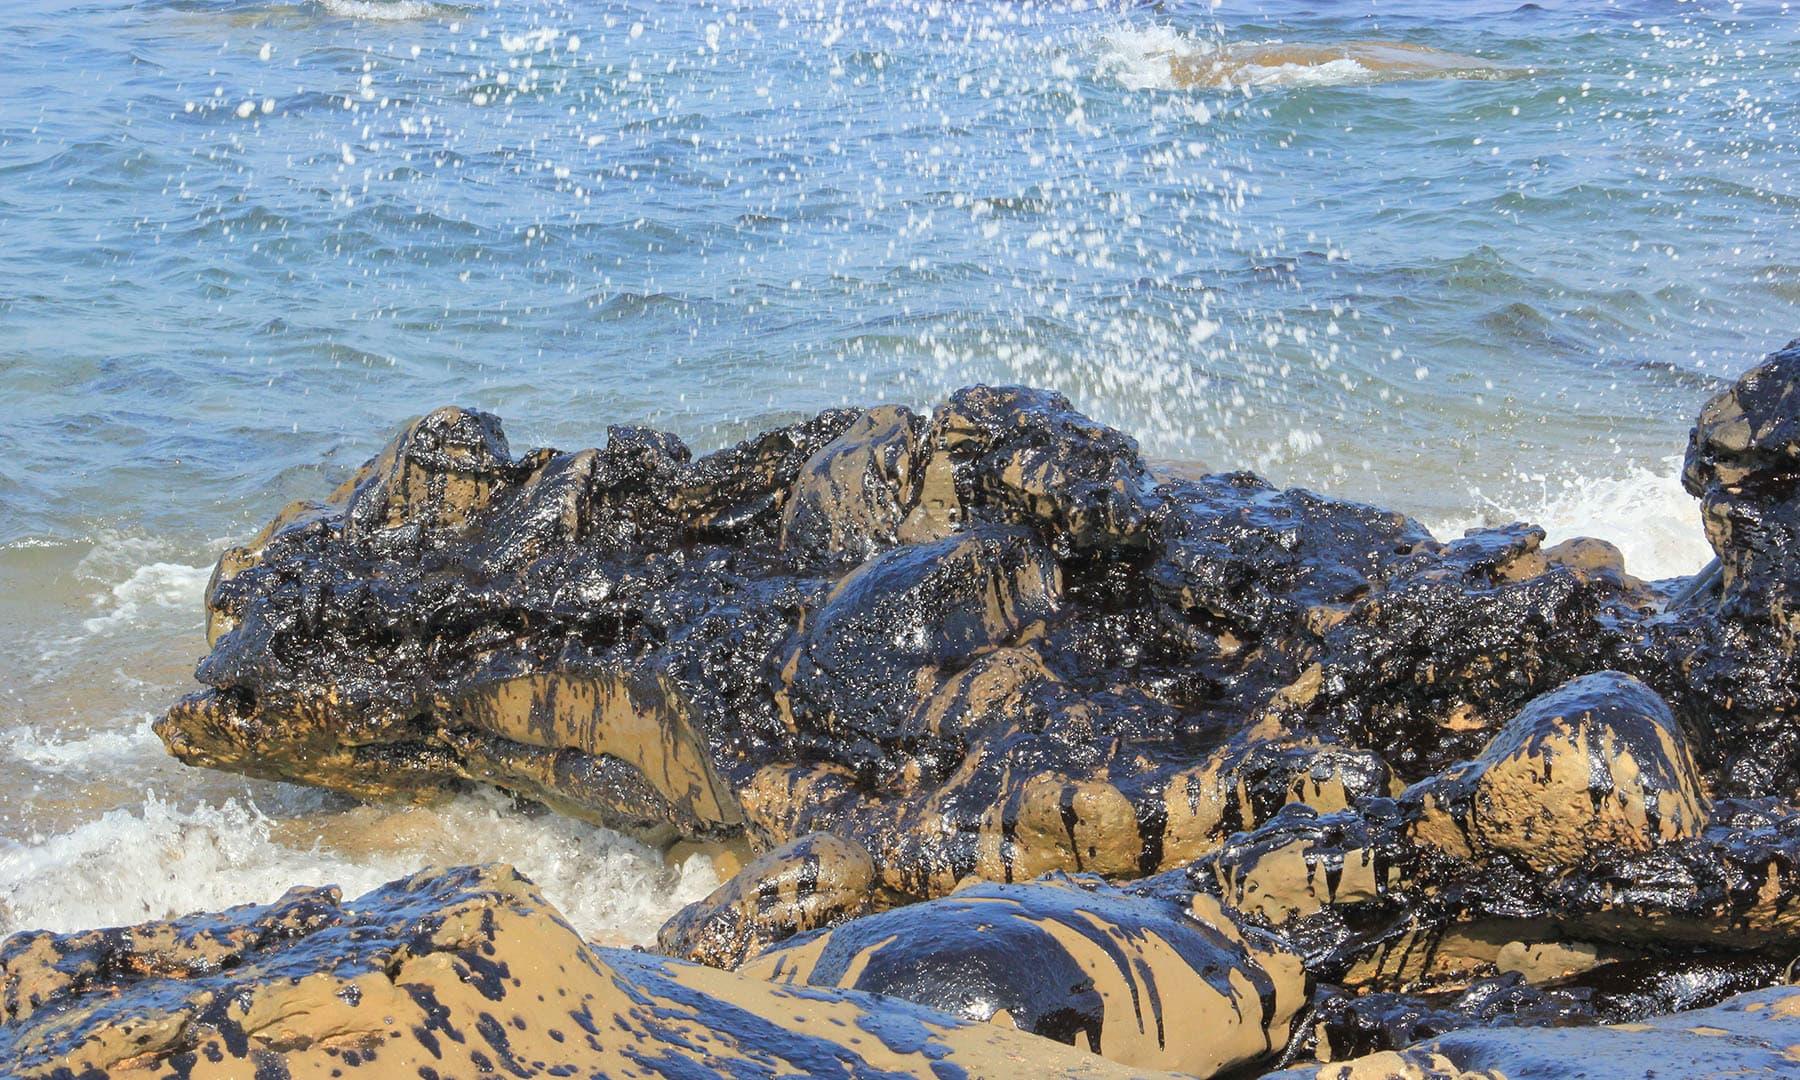 سمندر کے اندر موجود پتھروں پر تیل کی سیاہ تہہ دیکھی جا سکتی ہے۔— فوٹو سعید الاسلام